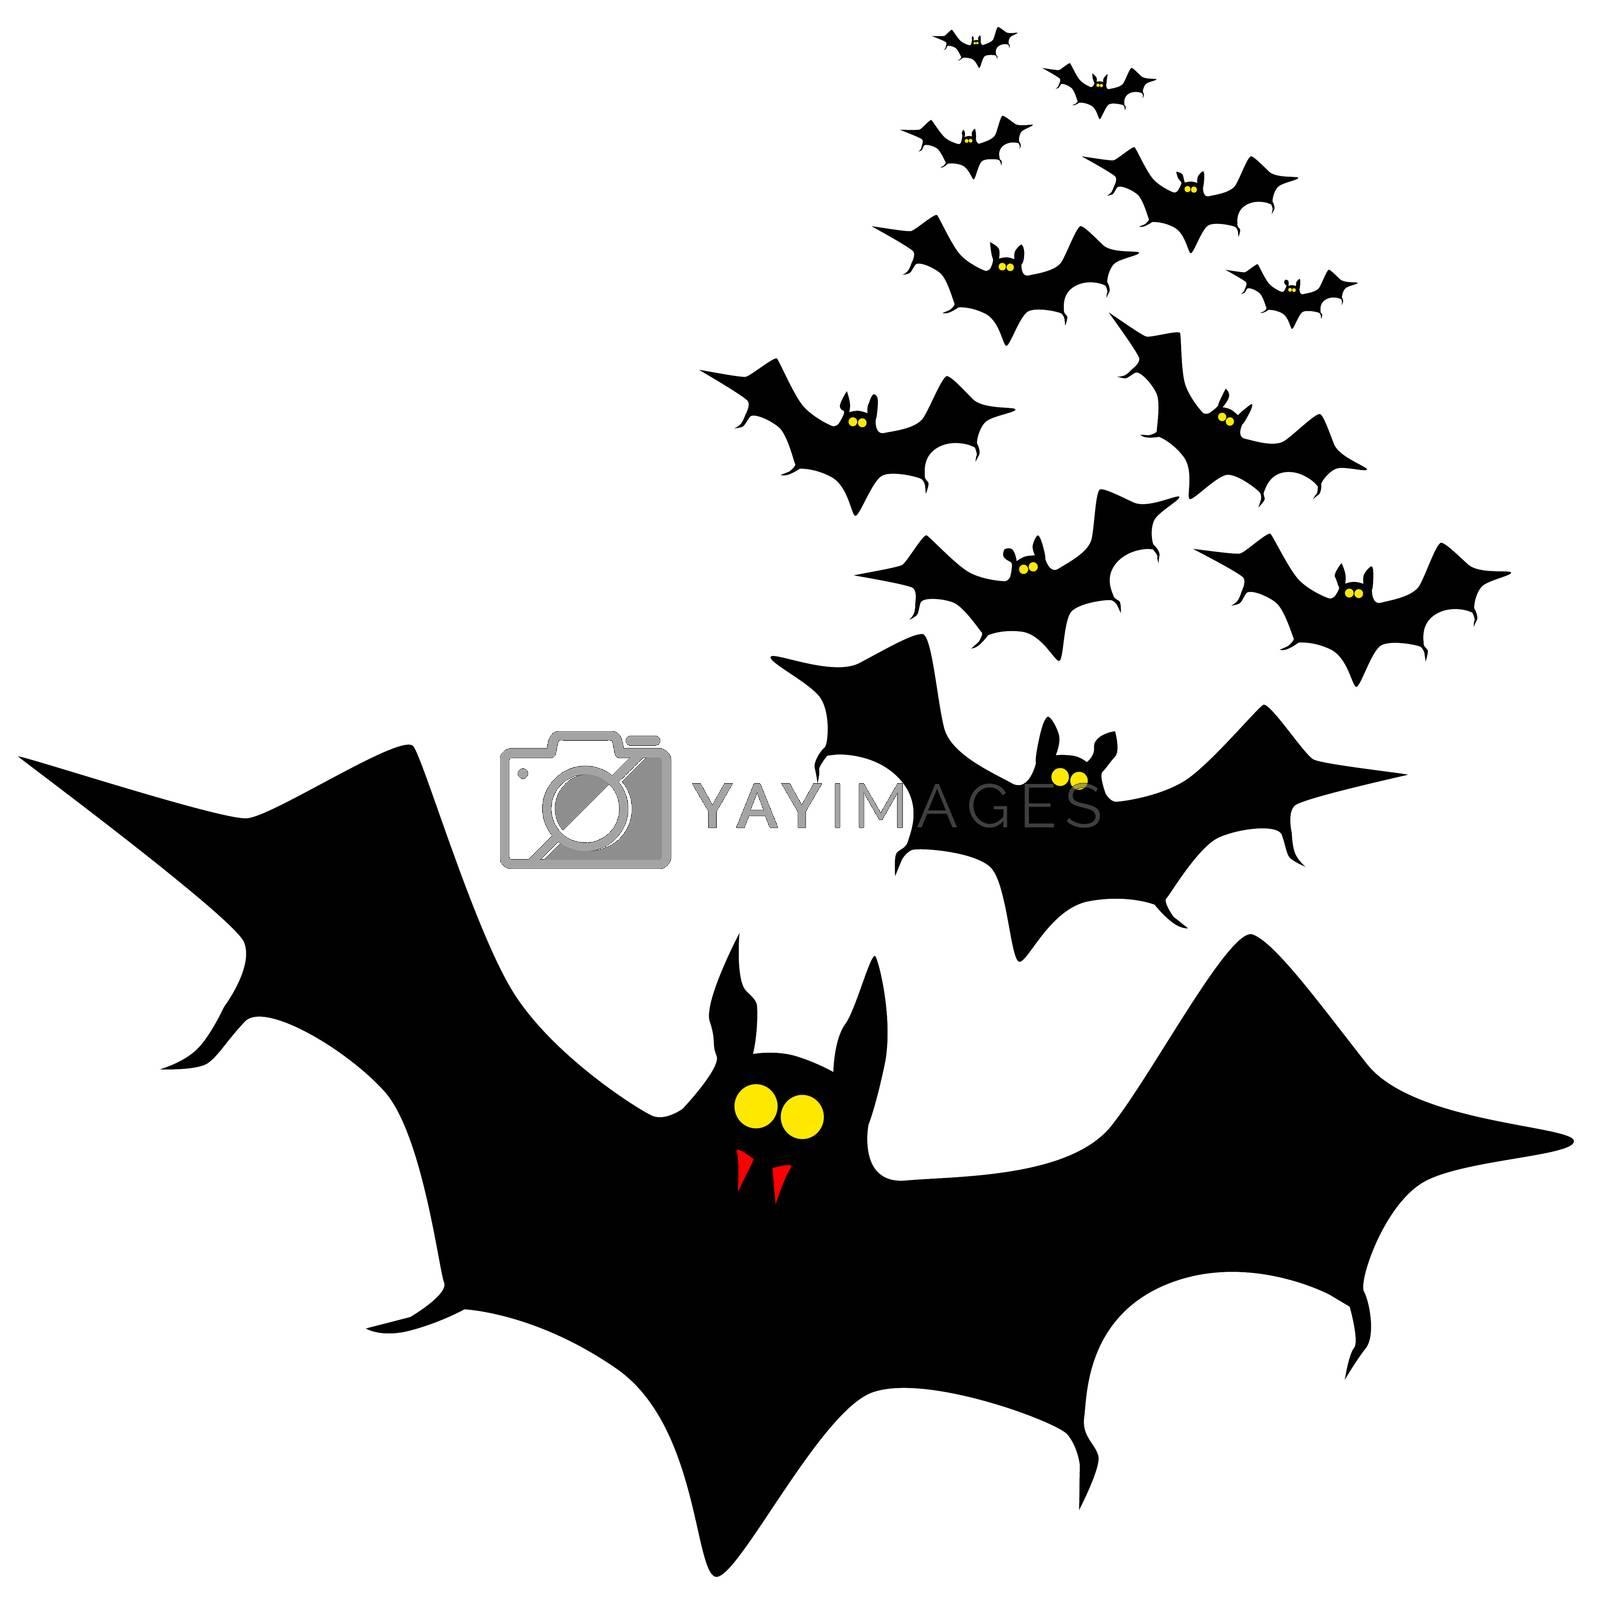 Vampire bats flying in formation.